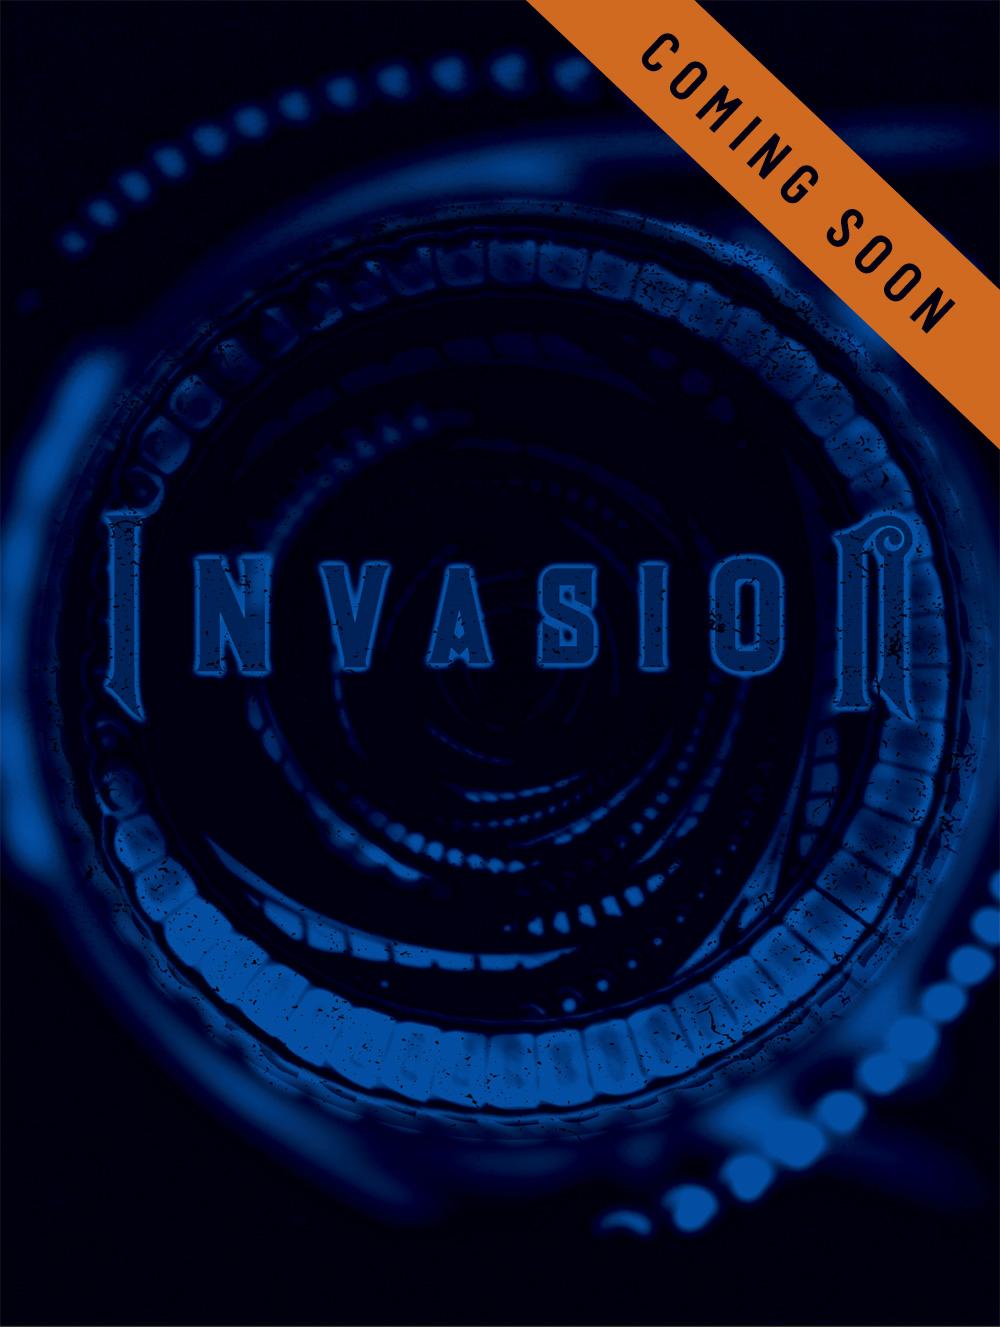 escape games CT Invasion